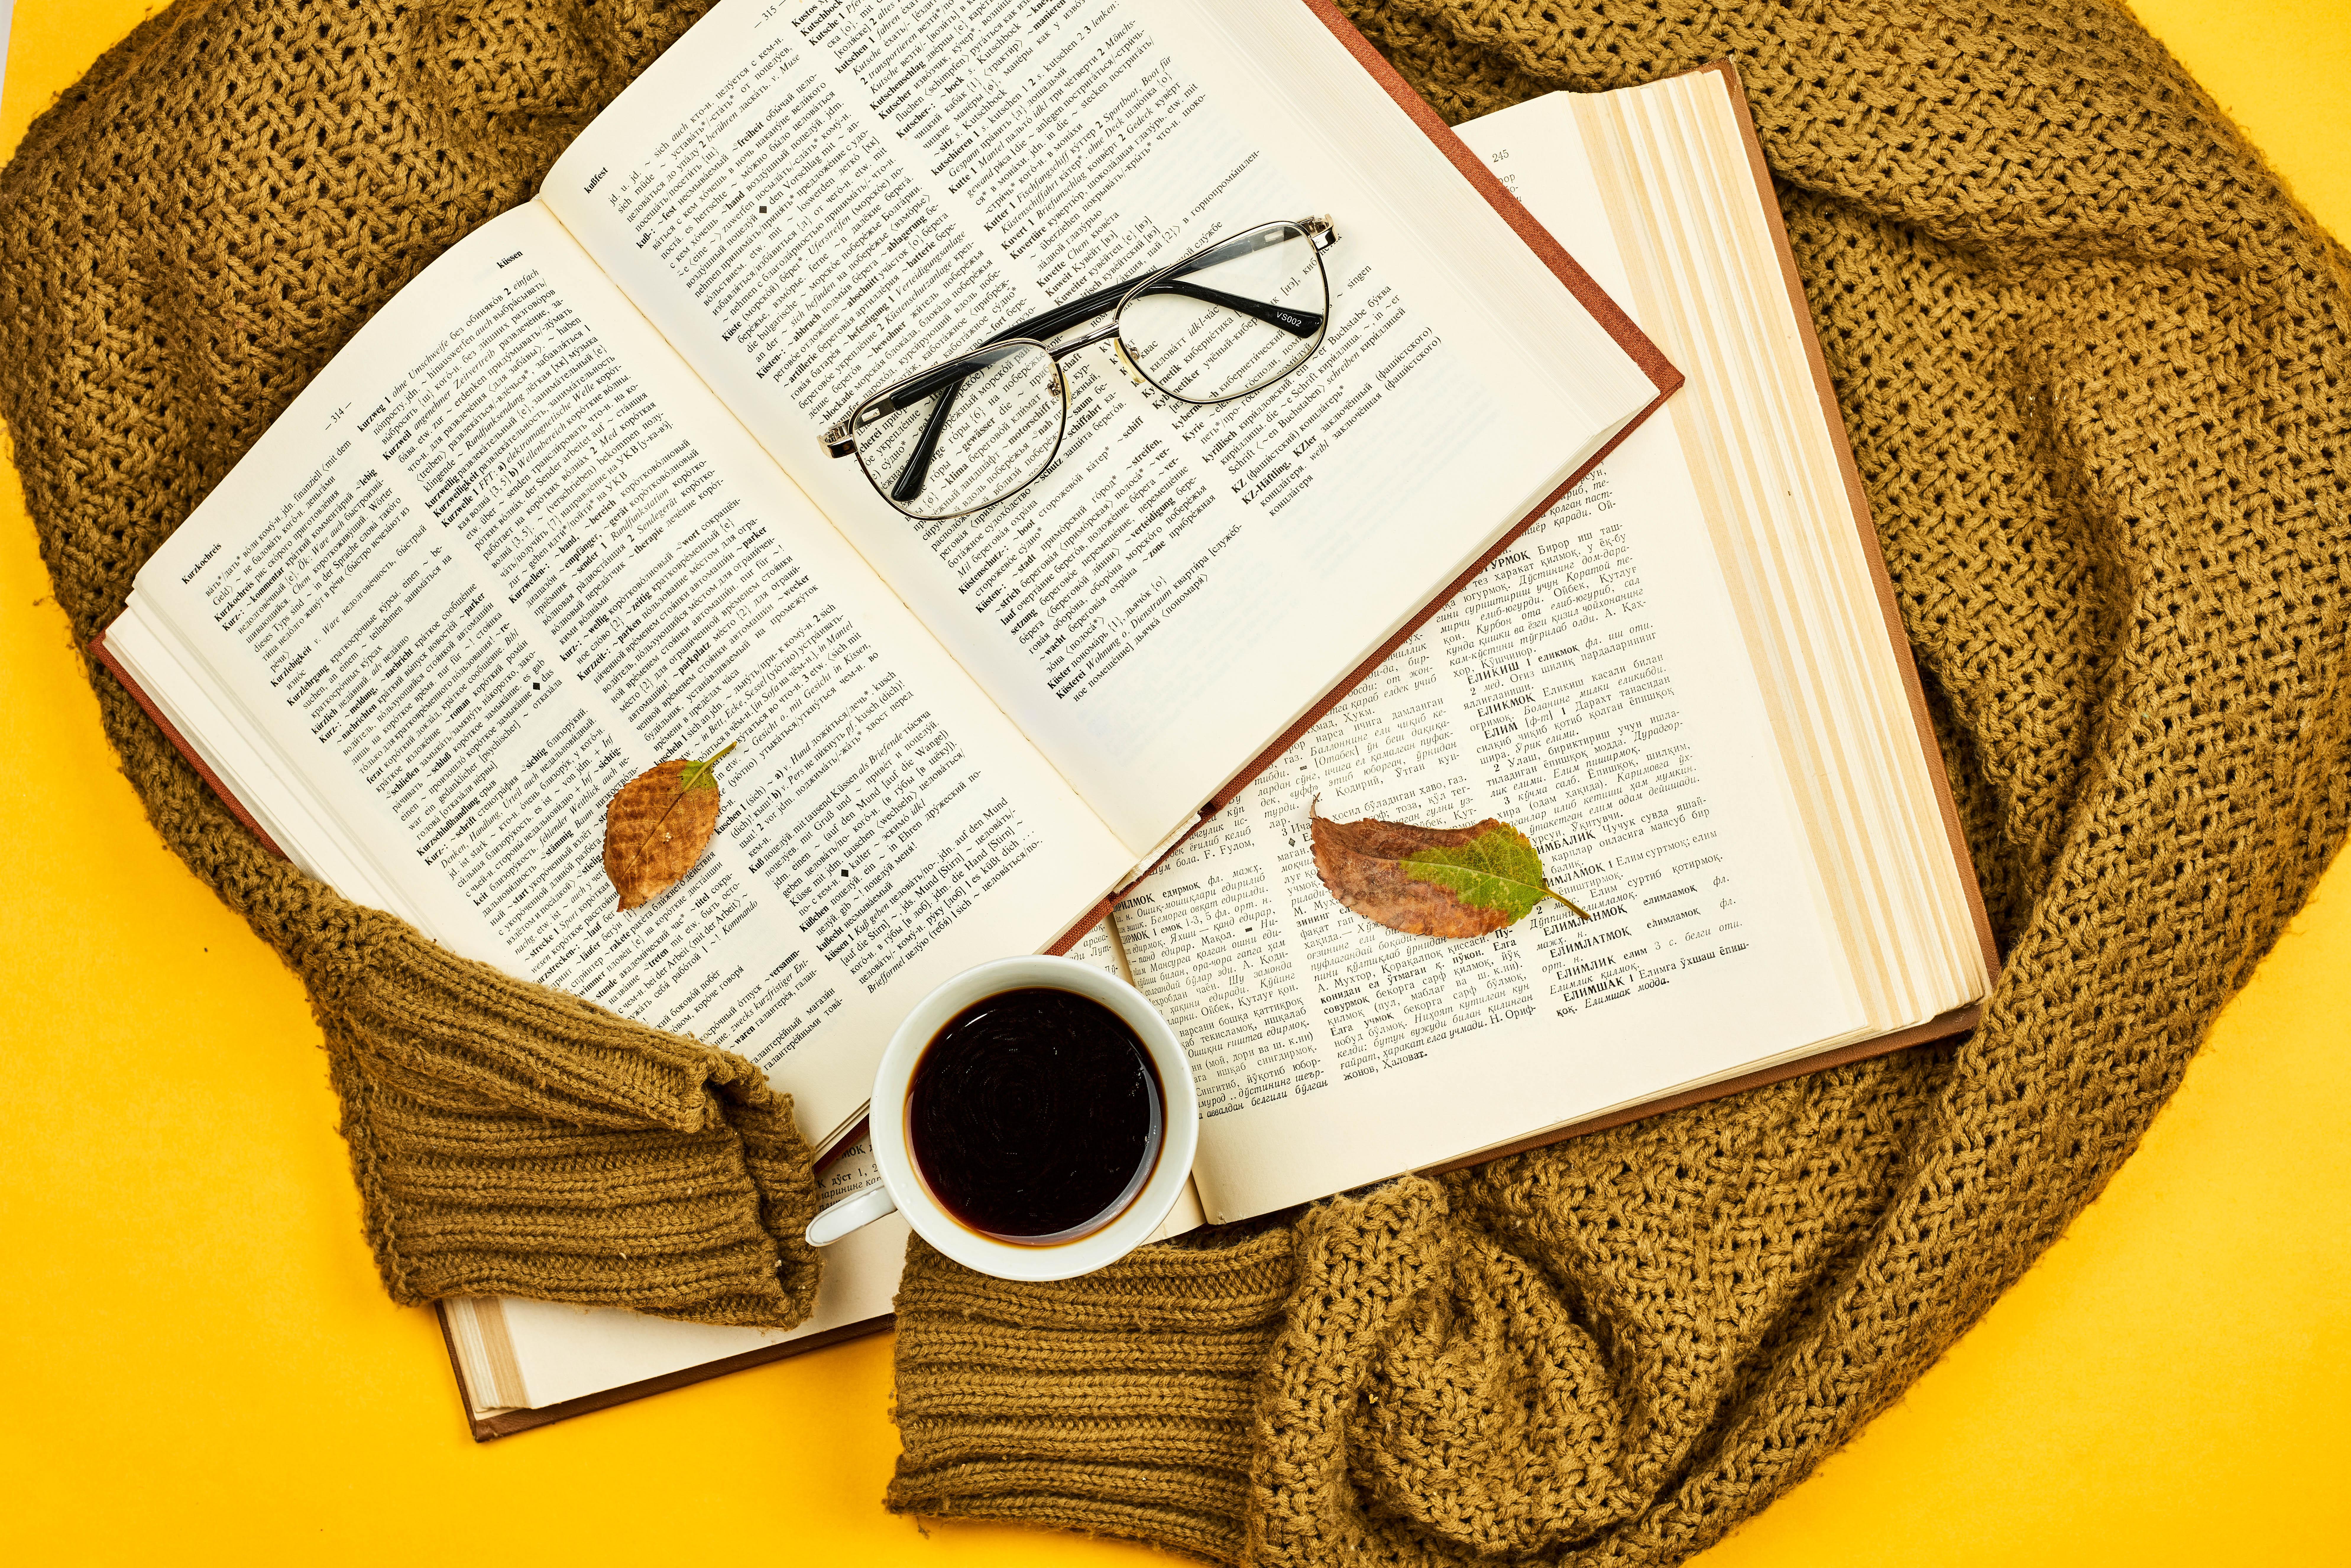 60914 скачать обои Разное, Книги, Кружка, Очки, Листья, Свитер - заставки и картинки бесплатно